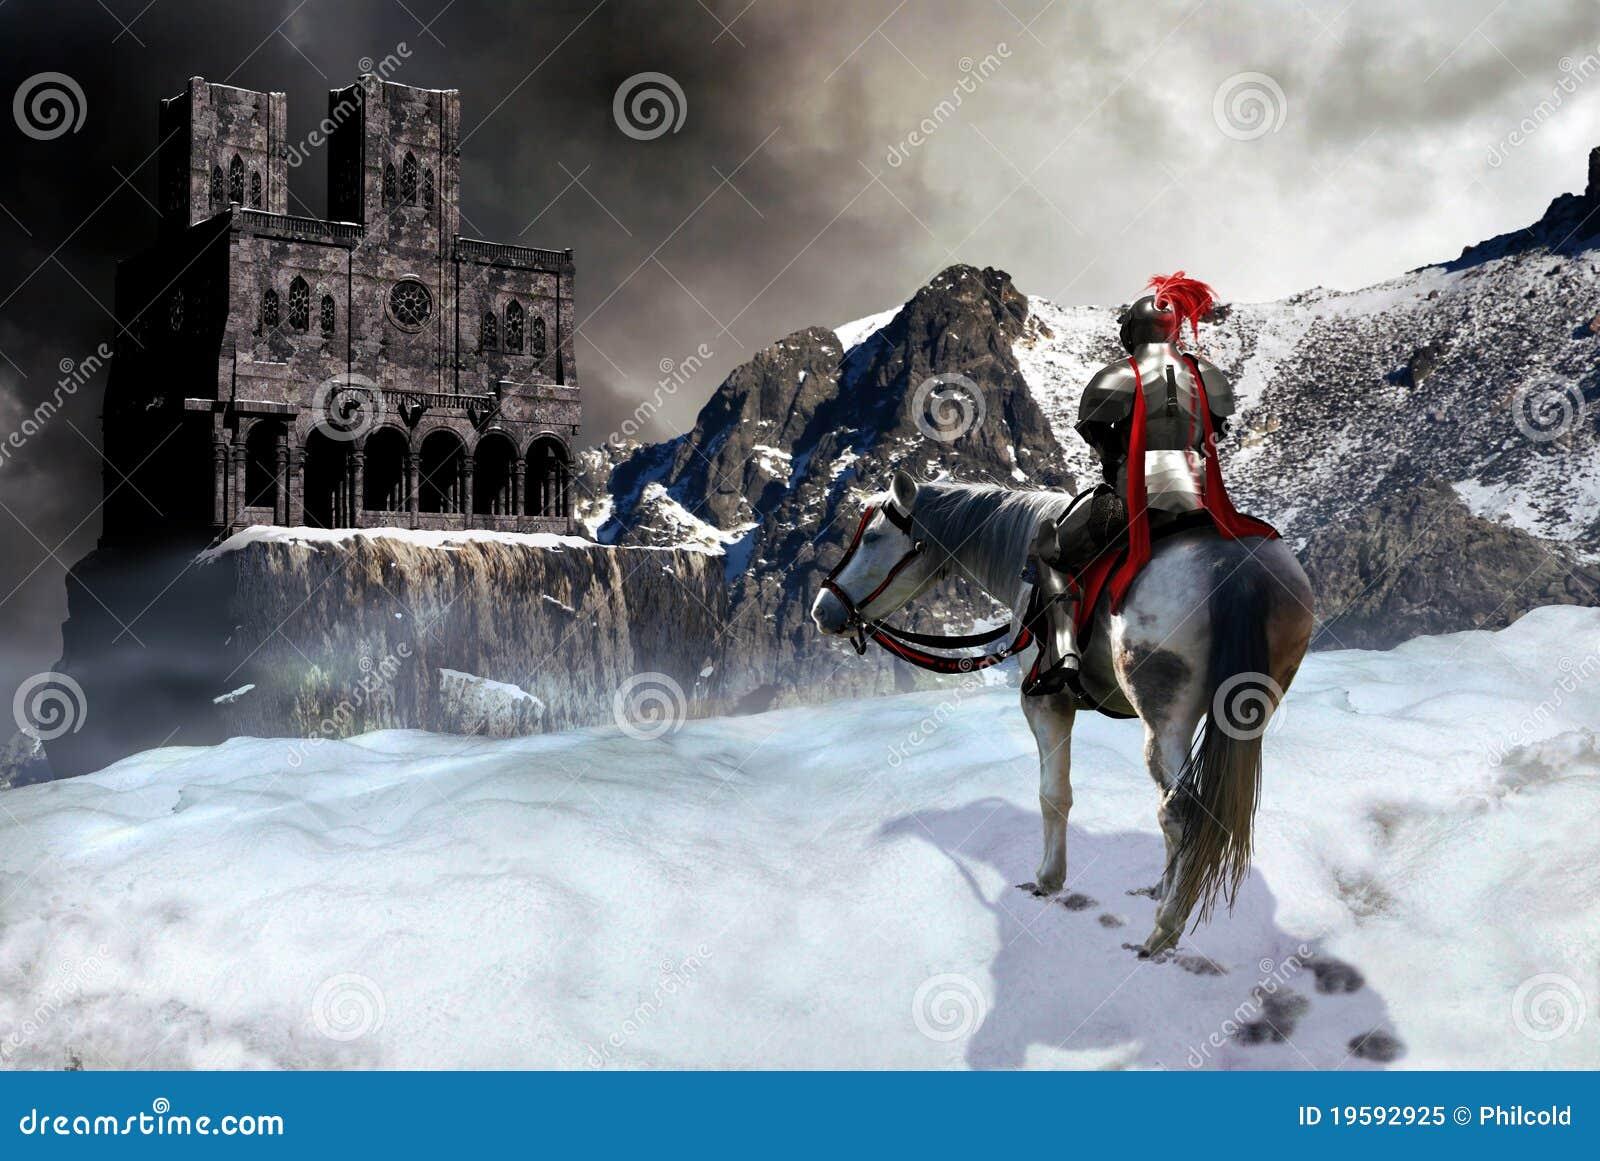 Der Ritter und das Schloss